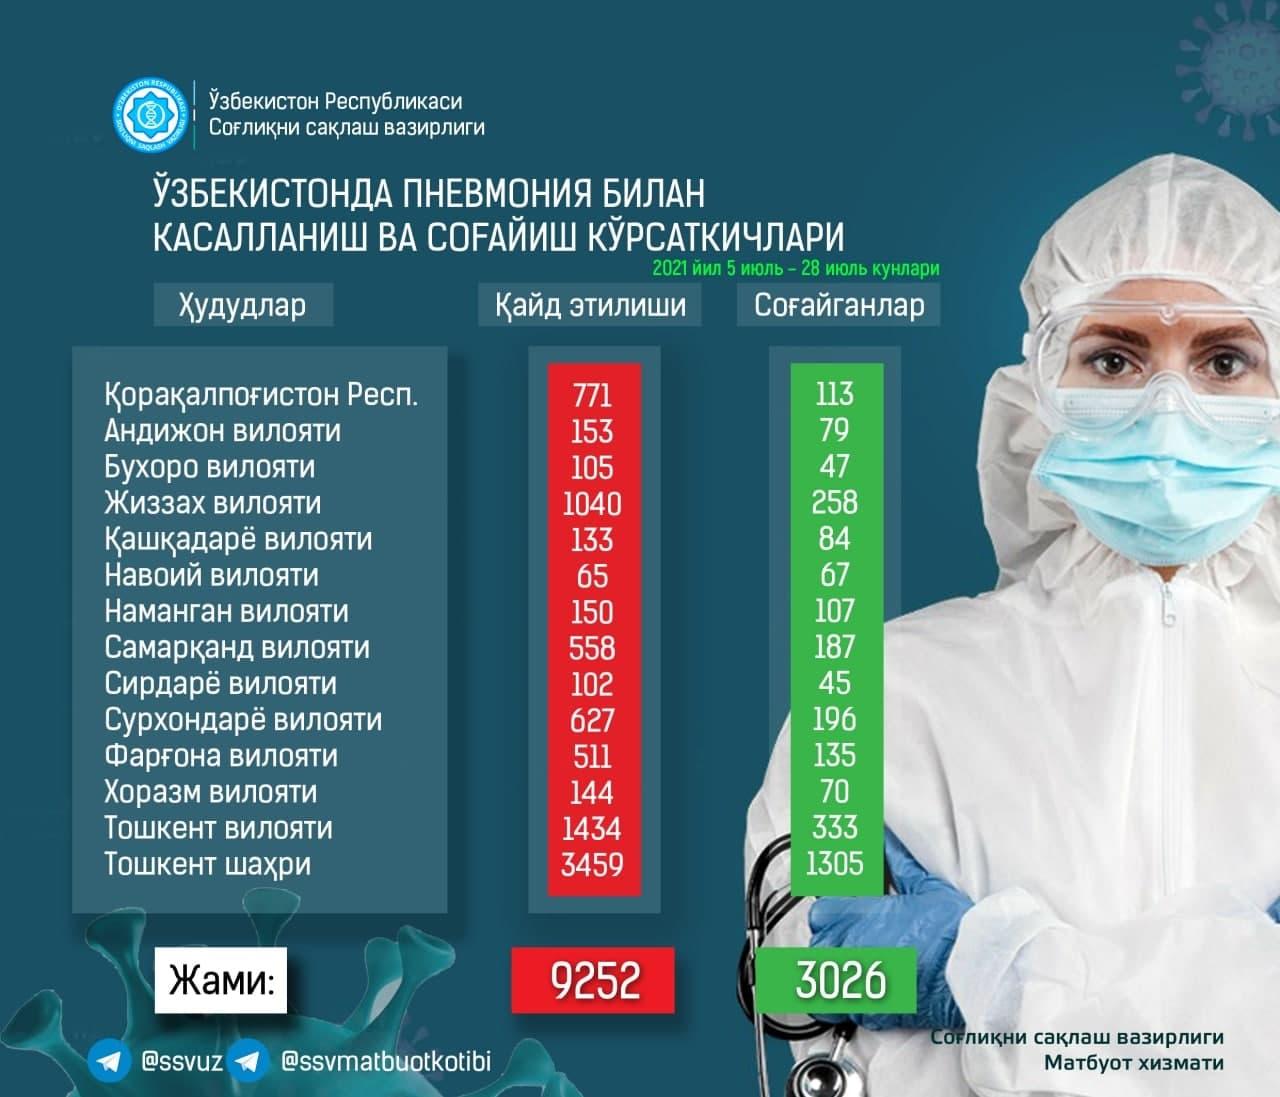 В Узбекистане за день выявлено более полтысячи случаев пневмонии — статистика